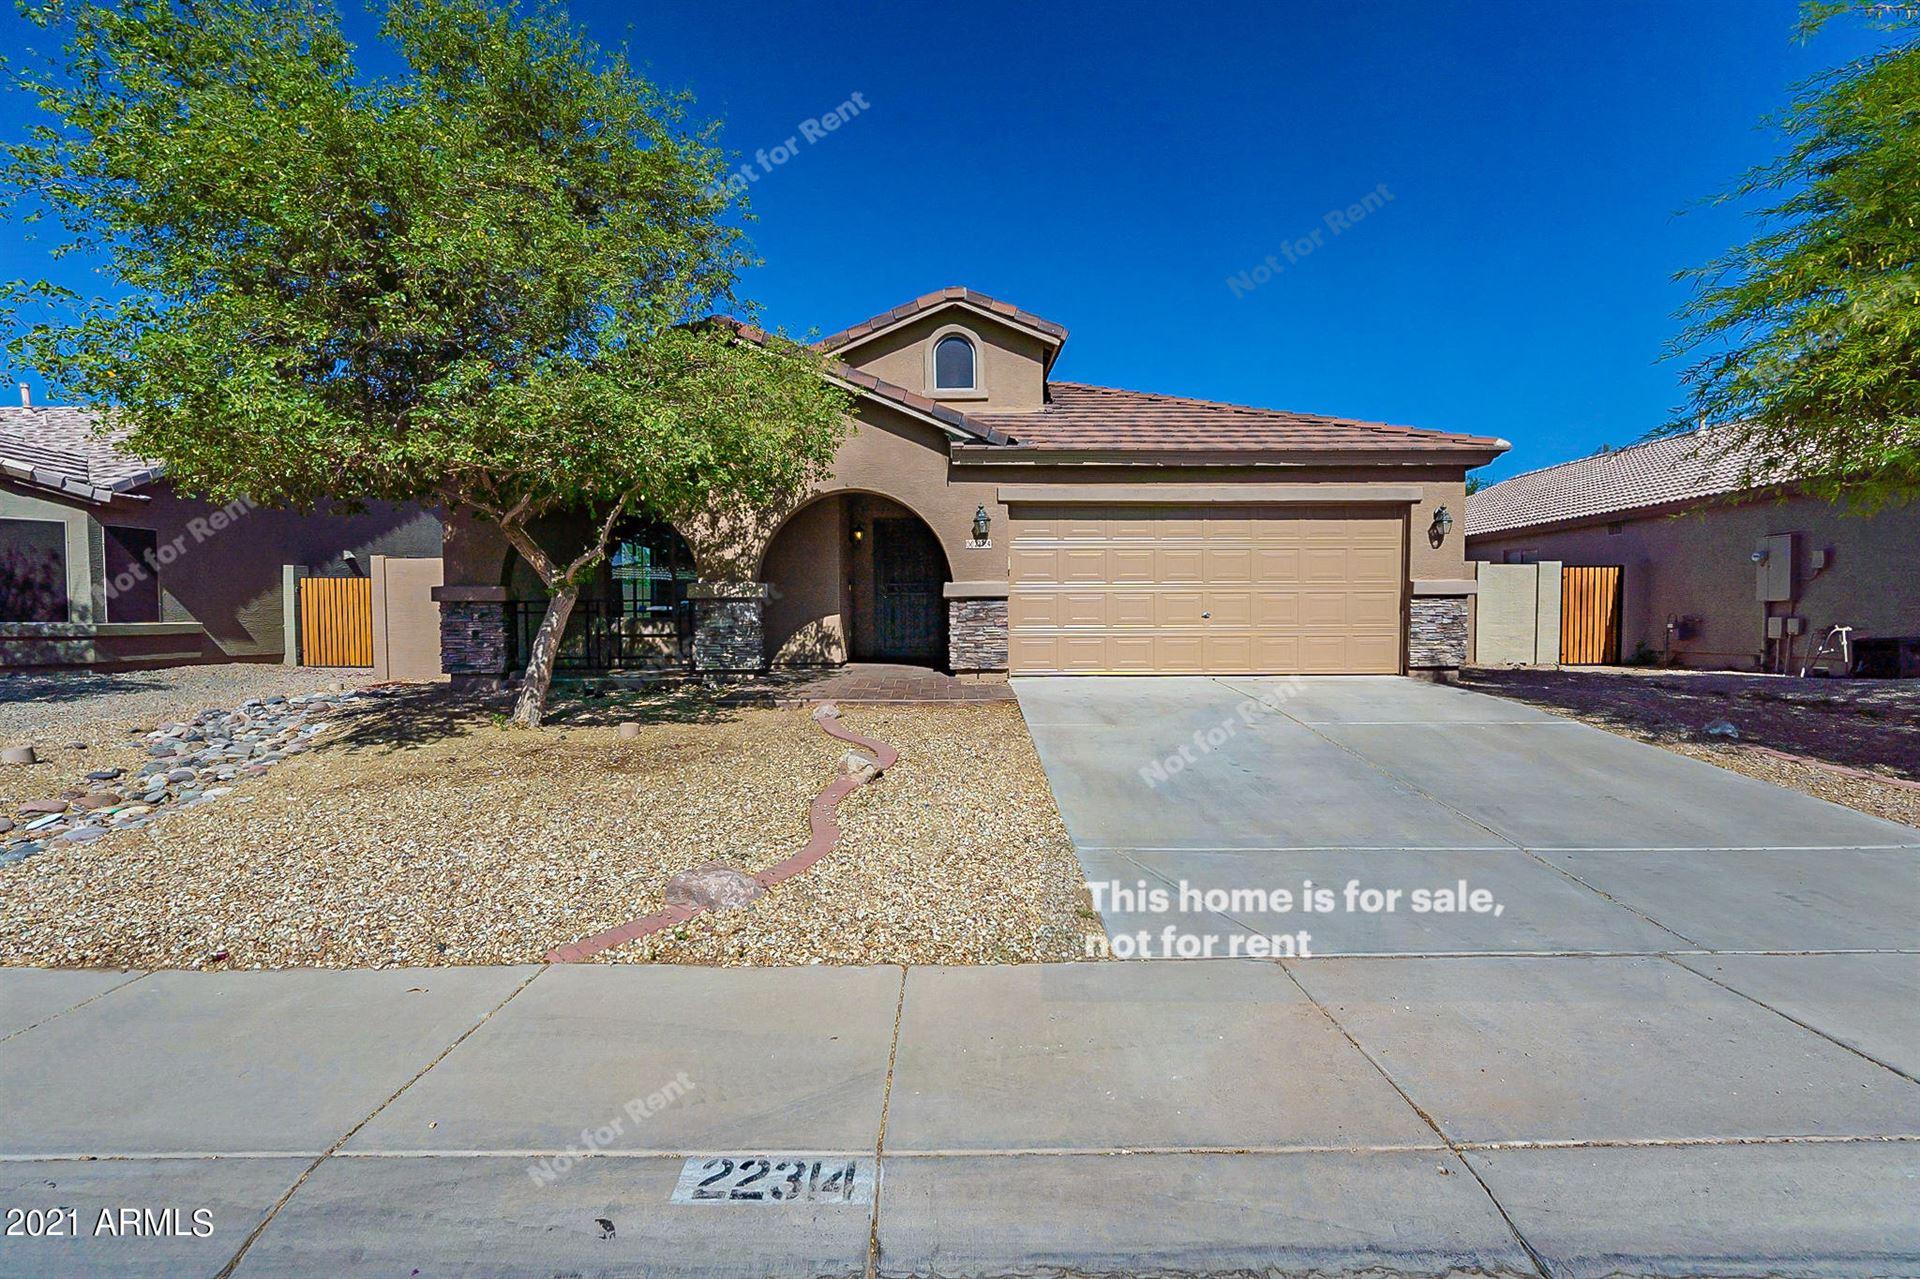 22314 N BRADEN Road, Maricopa, AZ 85138 - MLS#: 6219445